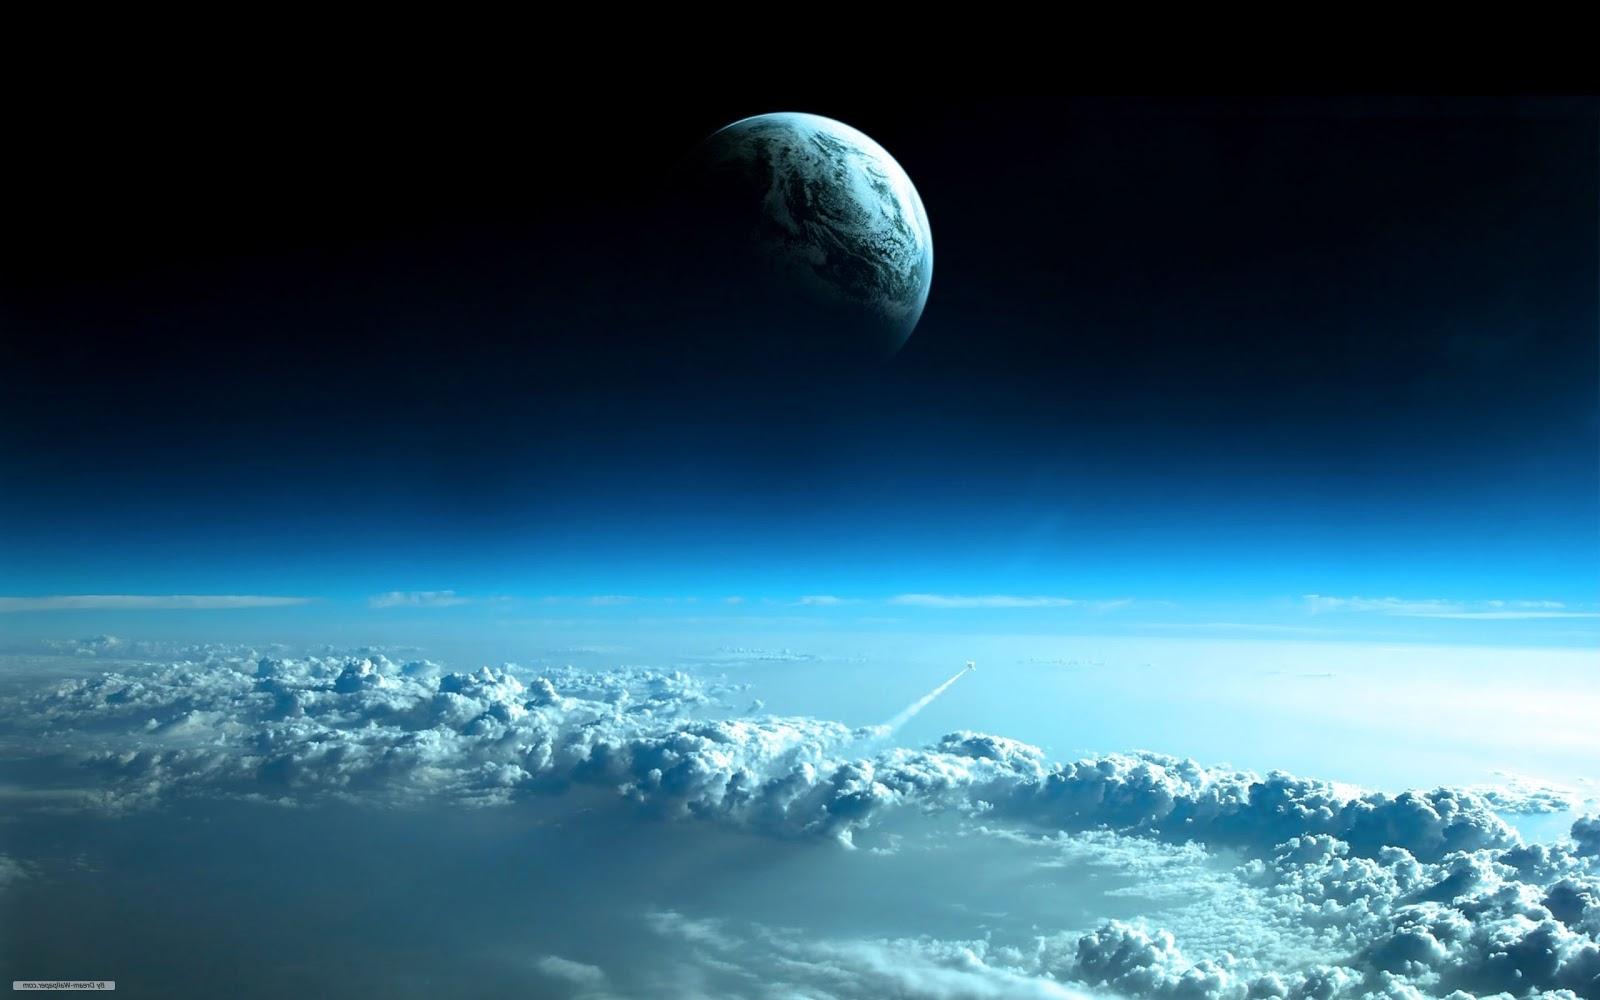 http://3.bp.blogspot.com/-eCdPzFH4ceM/T45vO2PfFrI/AAAAAAAADOs/lgDUYHf2wTA/s1600/windows-8-HD-wallpapers-above-the-clouds-2560x1600.jpg